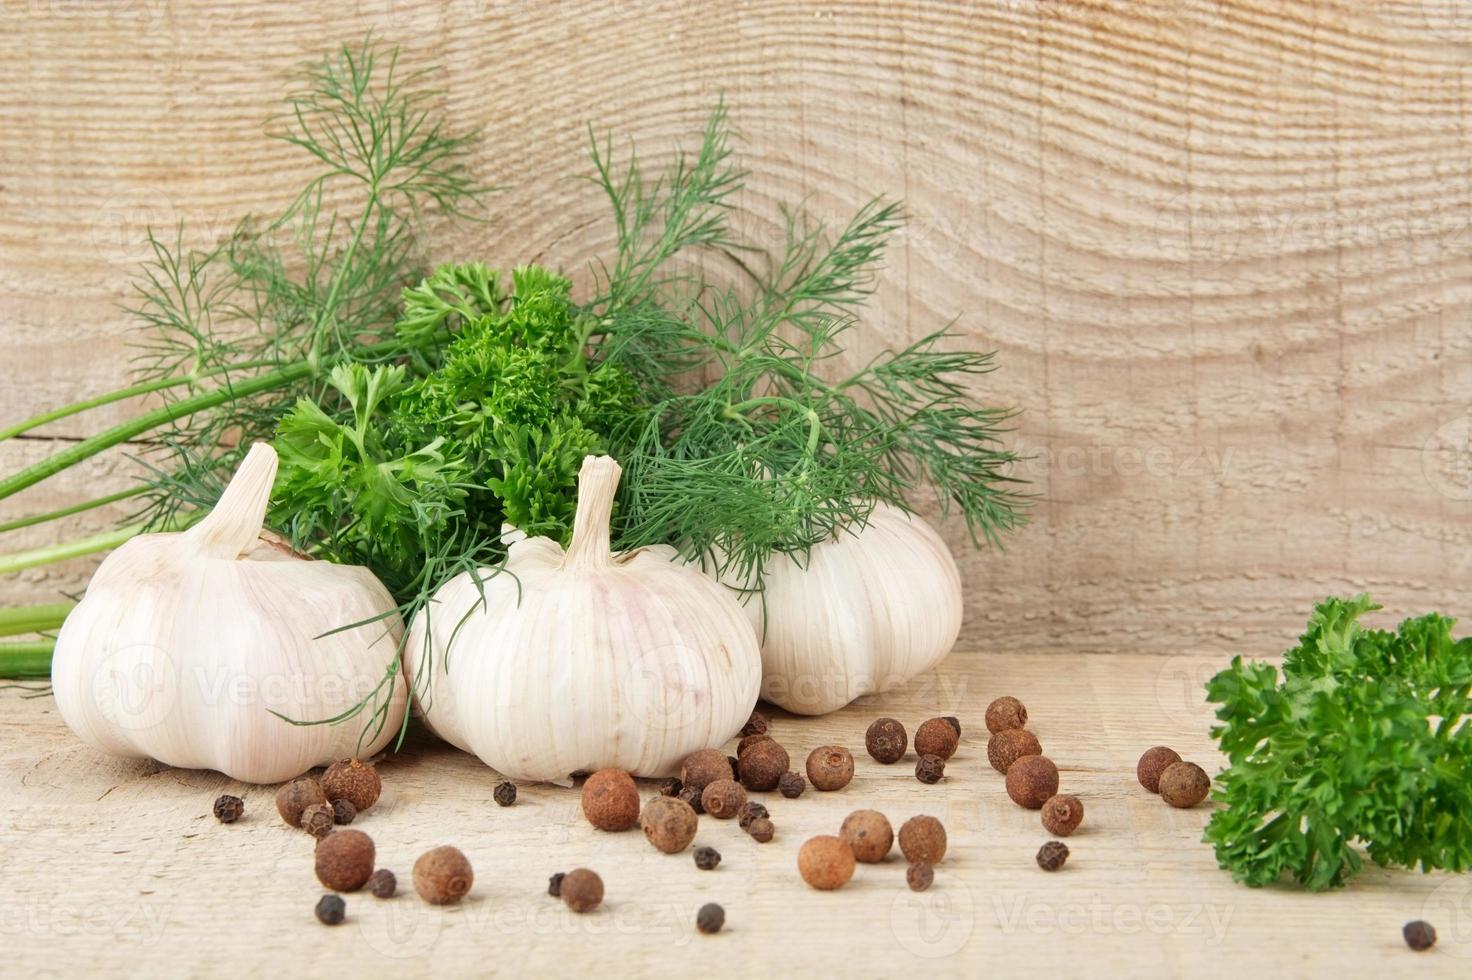 dillebladeren, knoflook, peper en piment op houten plankenachtergrond foto